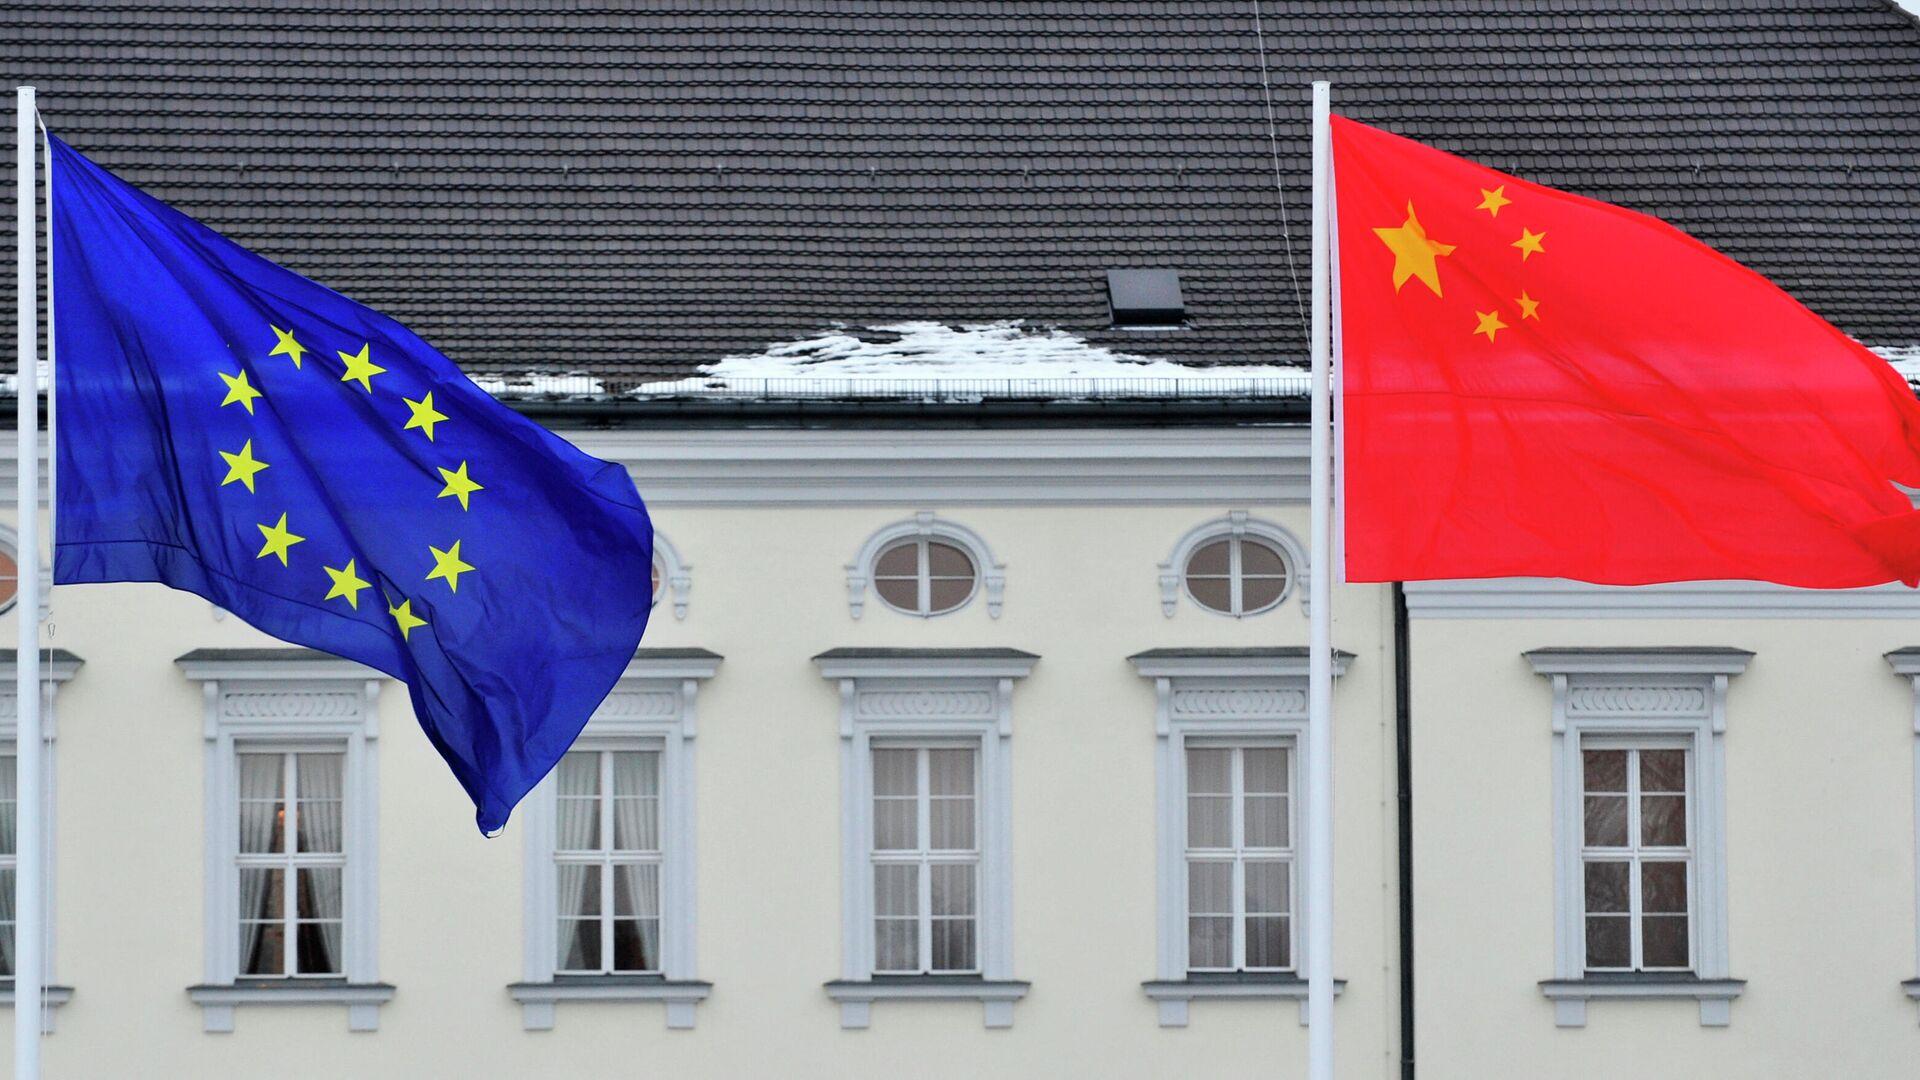 Banderas de la UE y China - Sputnik Mundo, 1920, 05.07.2021